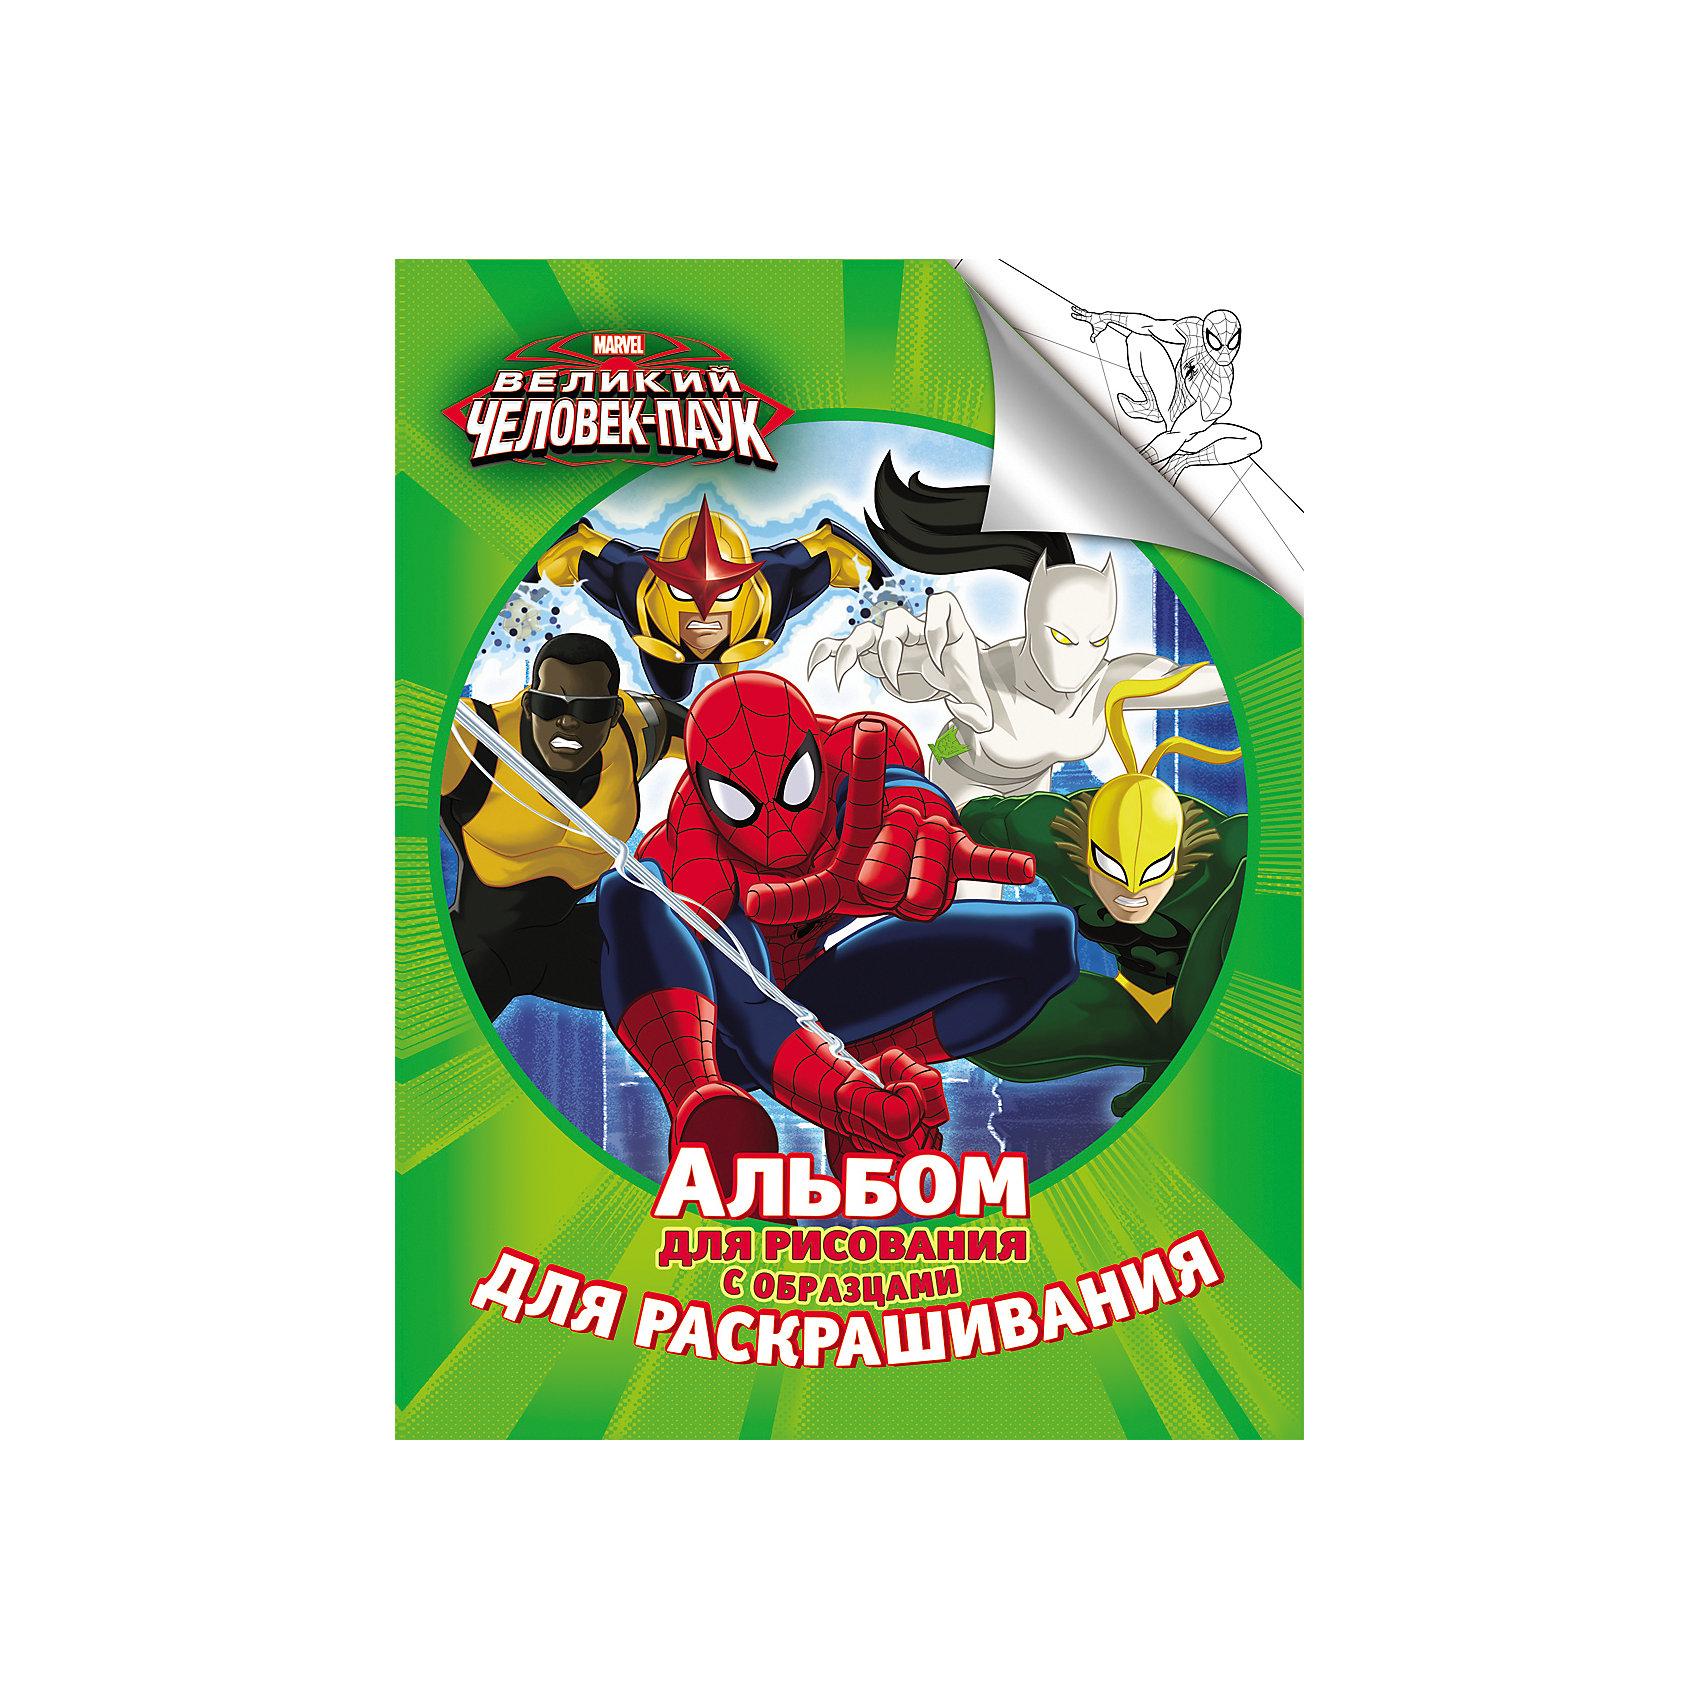 Росмэн Альбом для рисования и раскрашивания Человек-паук росмэн альбом 100 наклеек человек паук росмэн